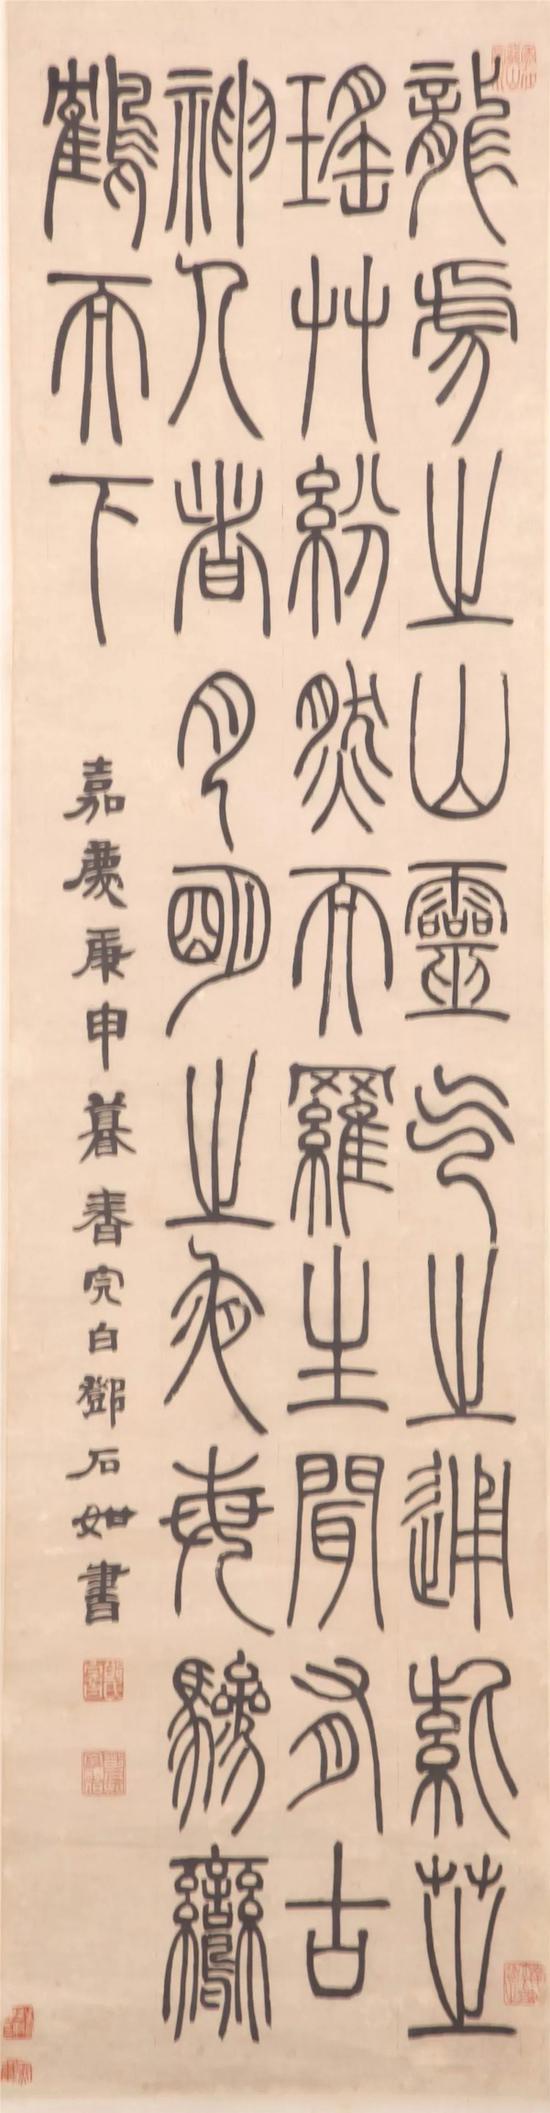 邓石如《龙虎之山篆书》(轴)